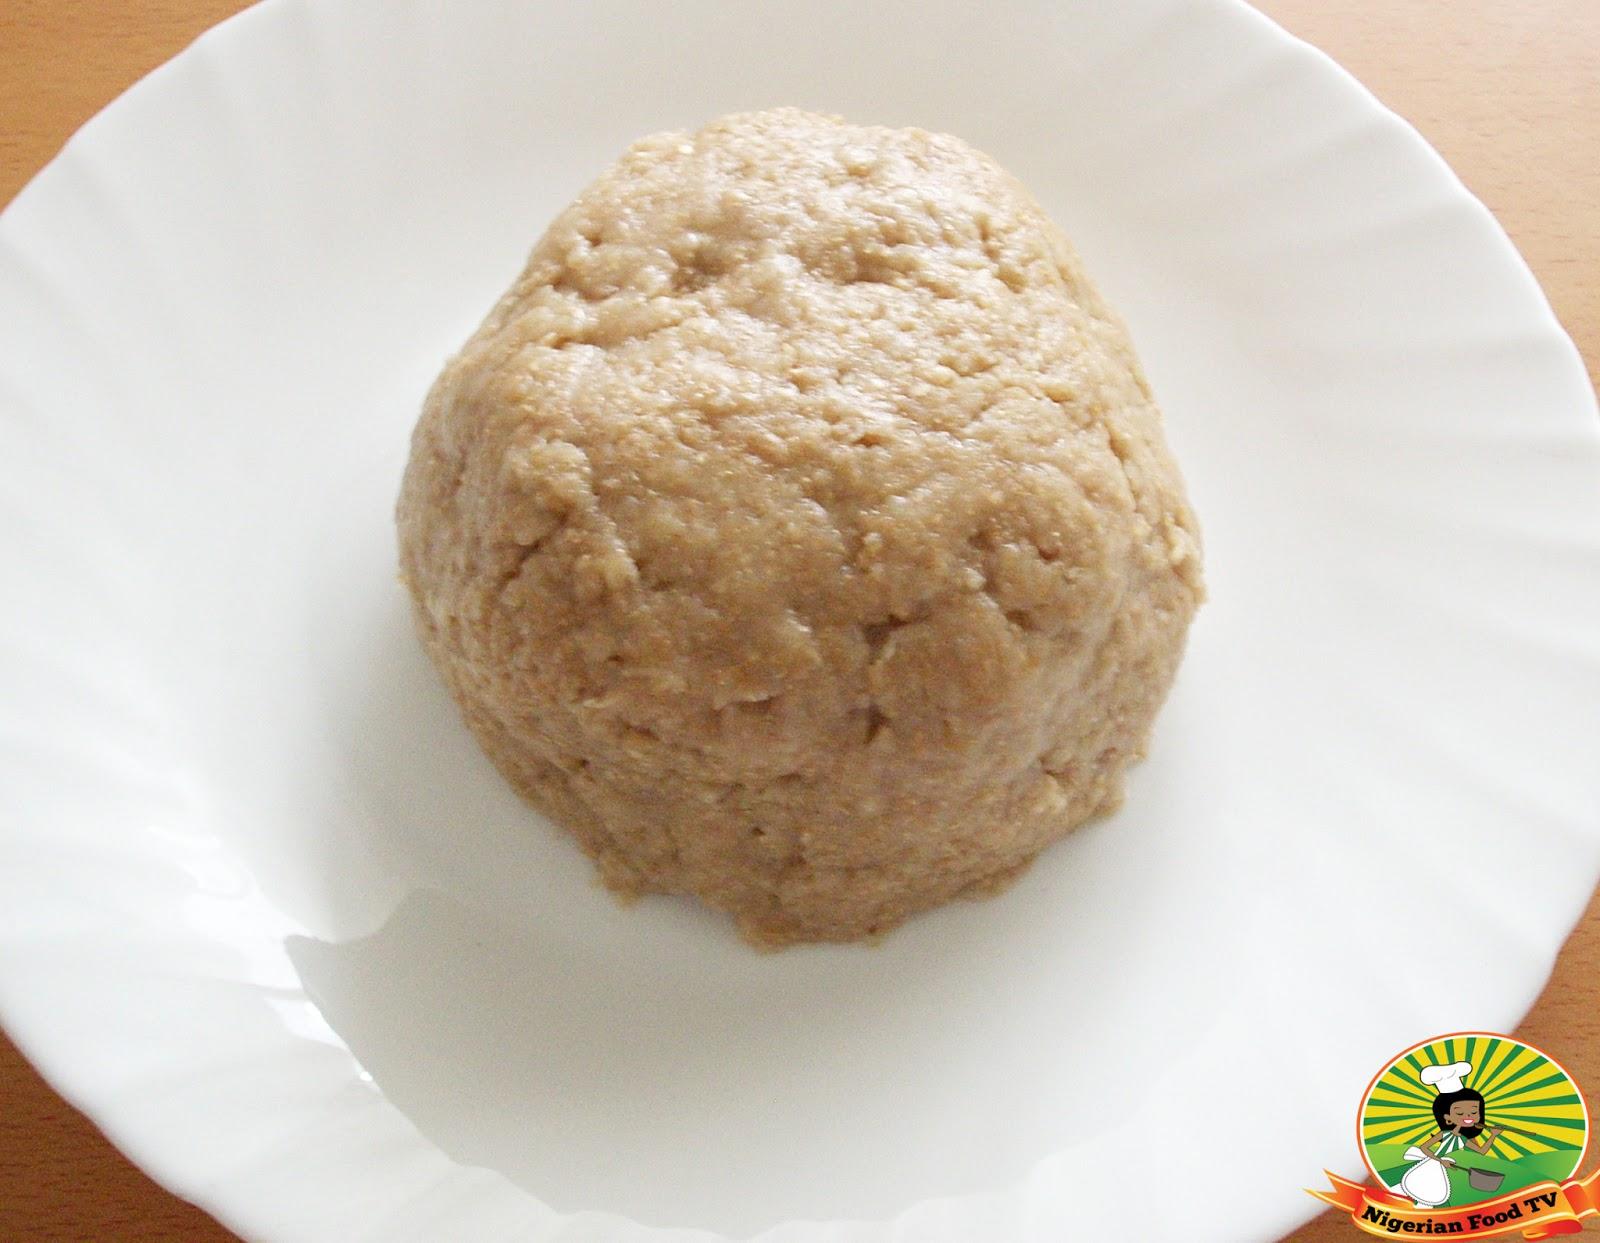 How To Make A Wheat Free Cake